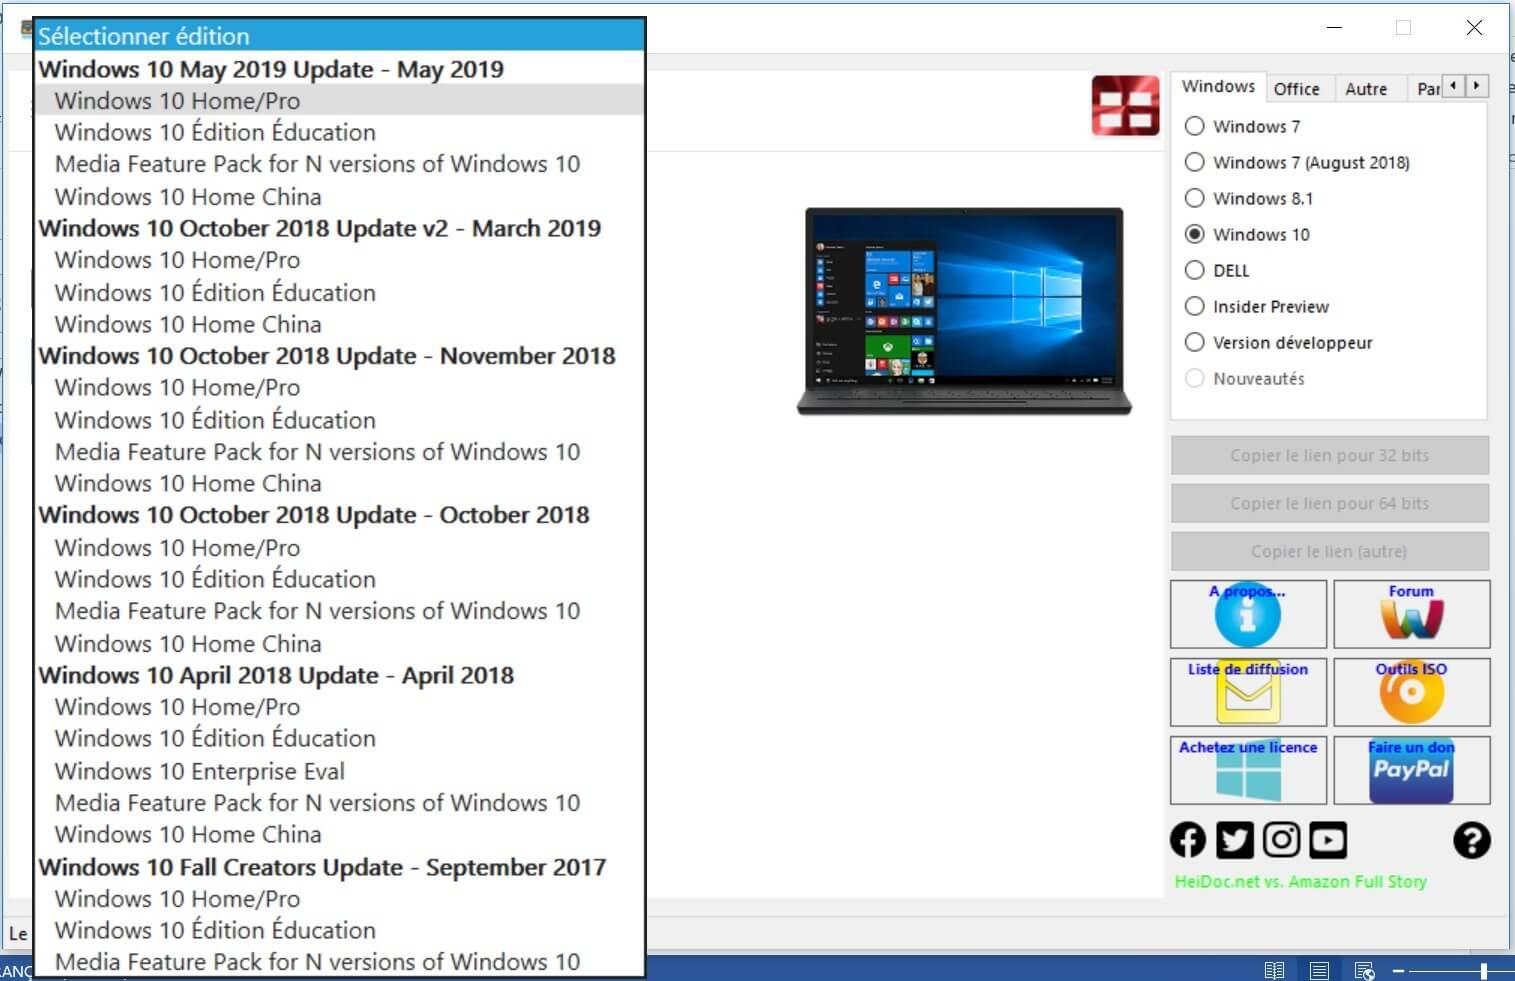 Les Éditons Windows 10